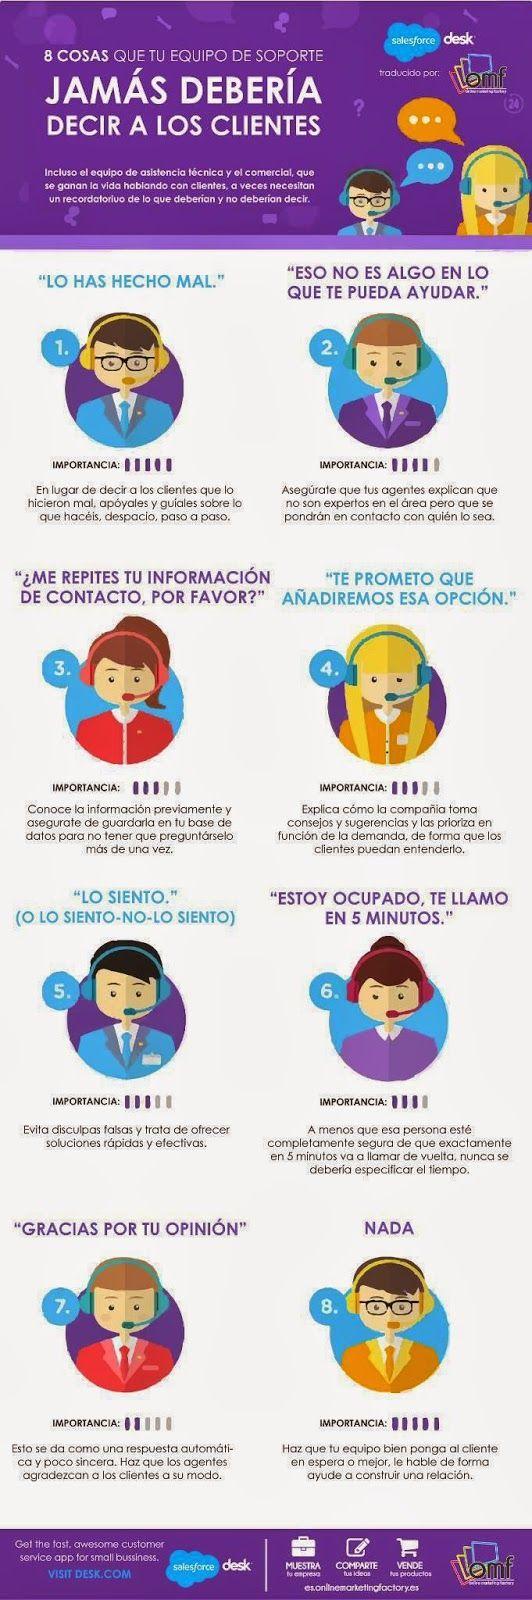 Miguel García González: Cosas que jamás debería decir a los clientes